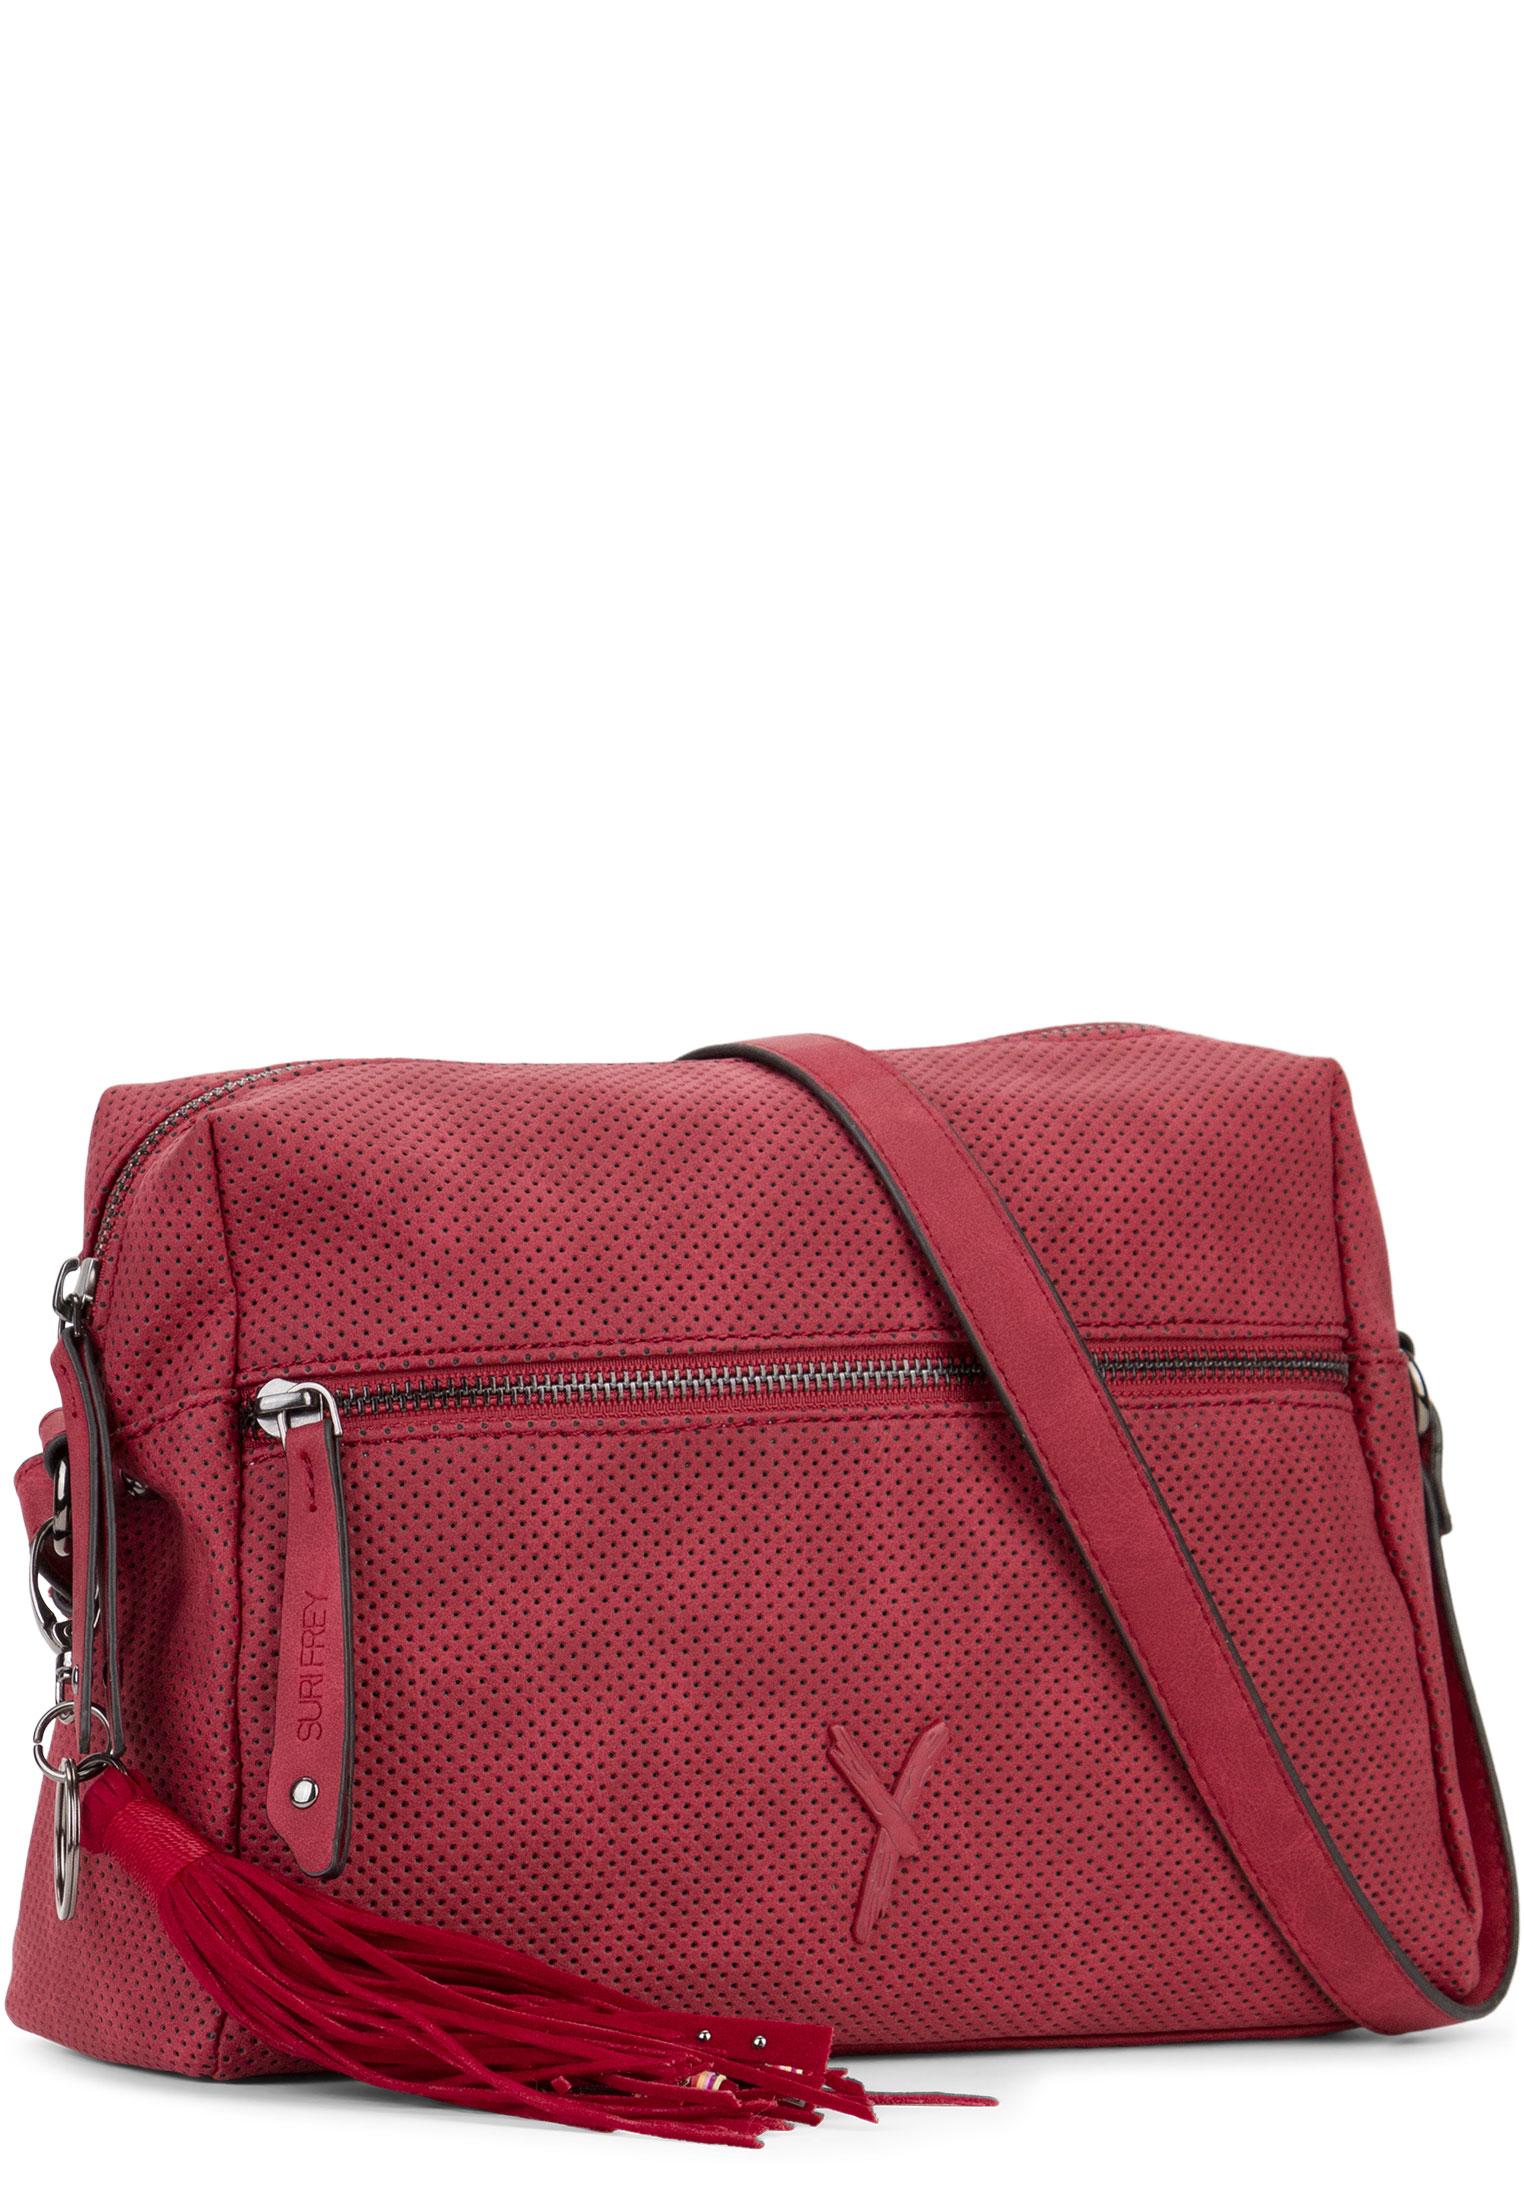 Handtasche mit Reißverschluss Romy mittel